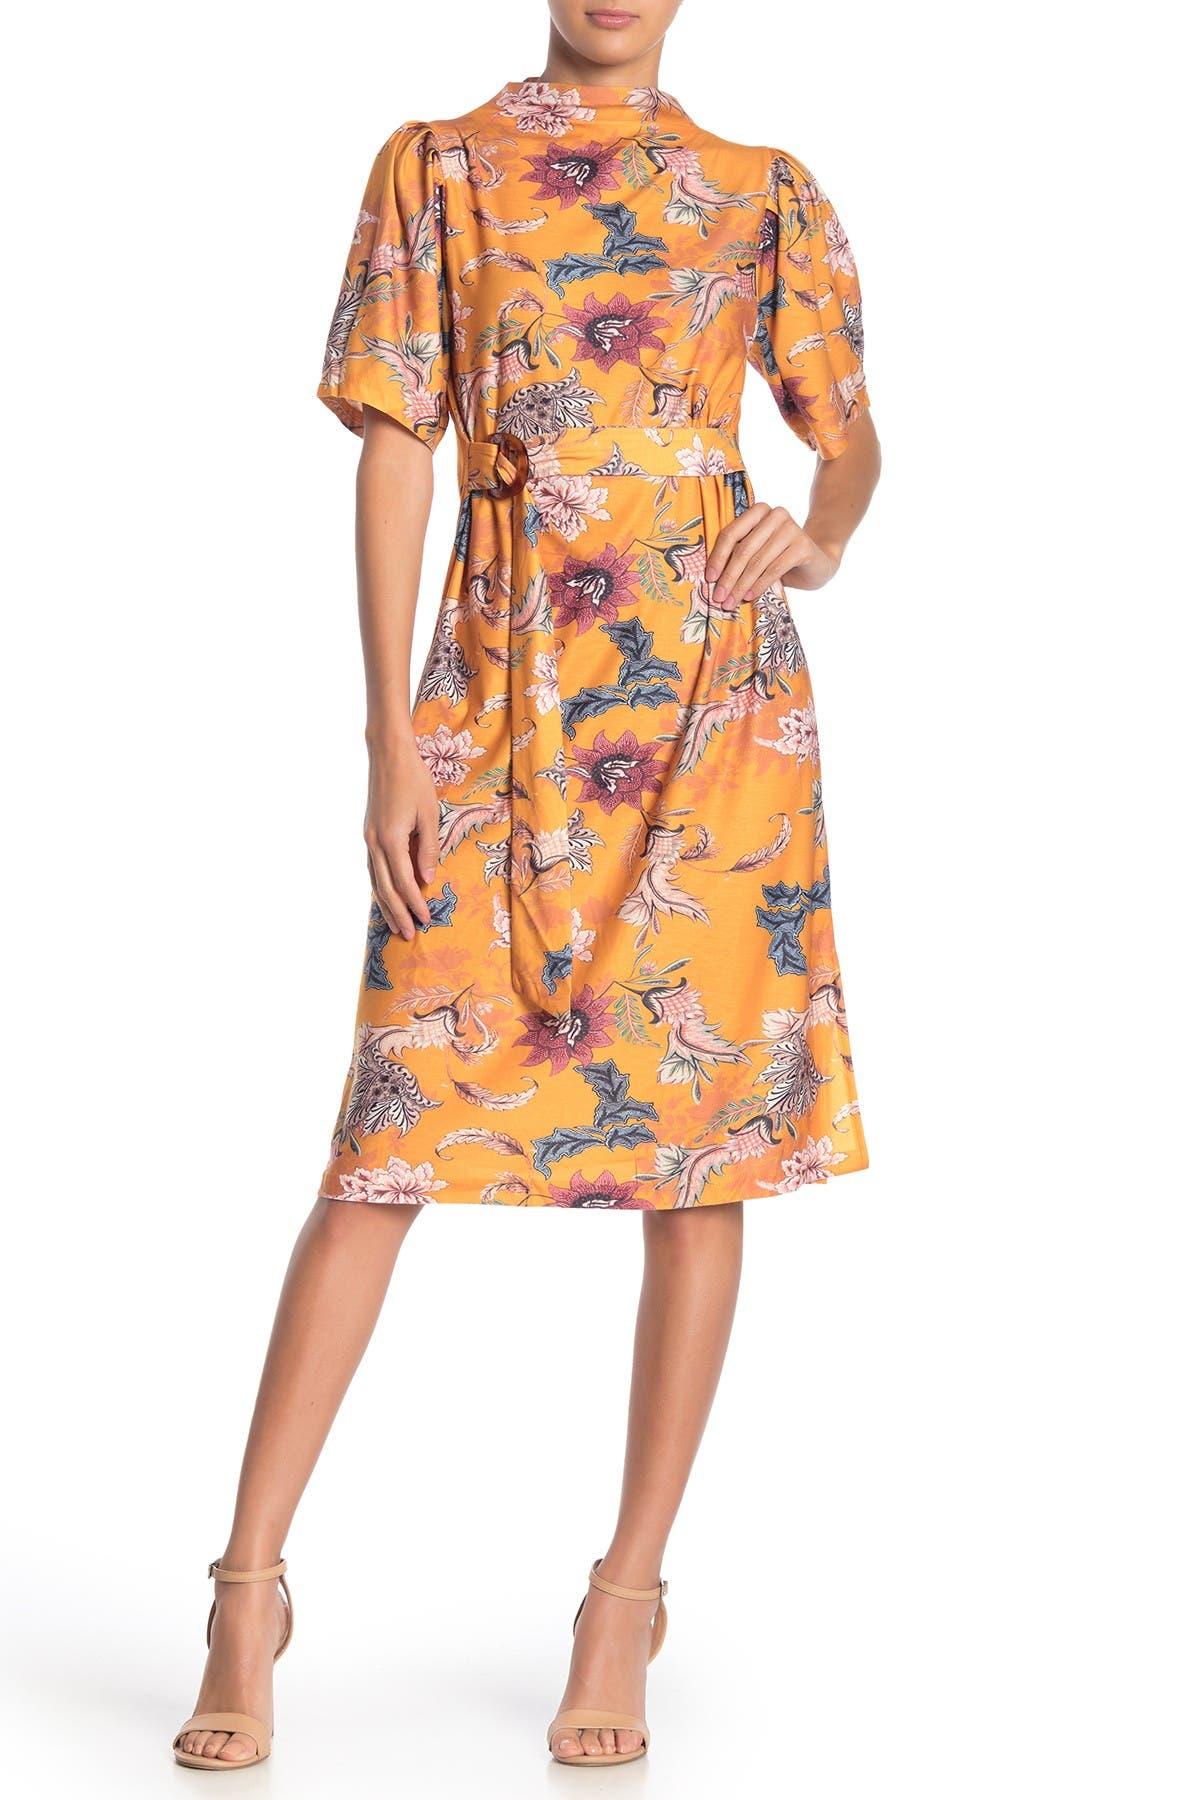 Image of I. MADELINE Printed Belt Dress